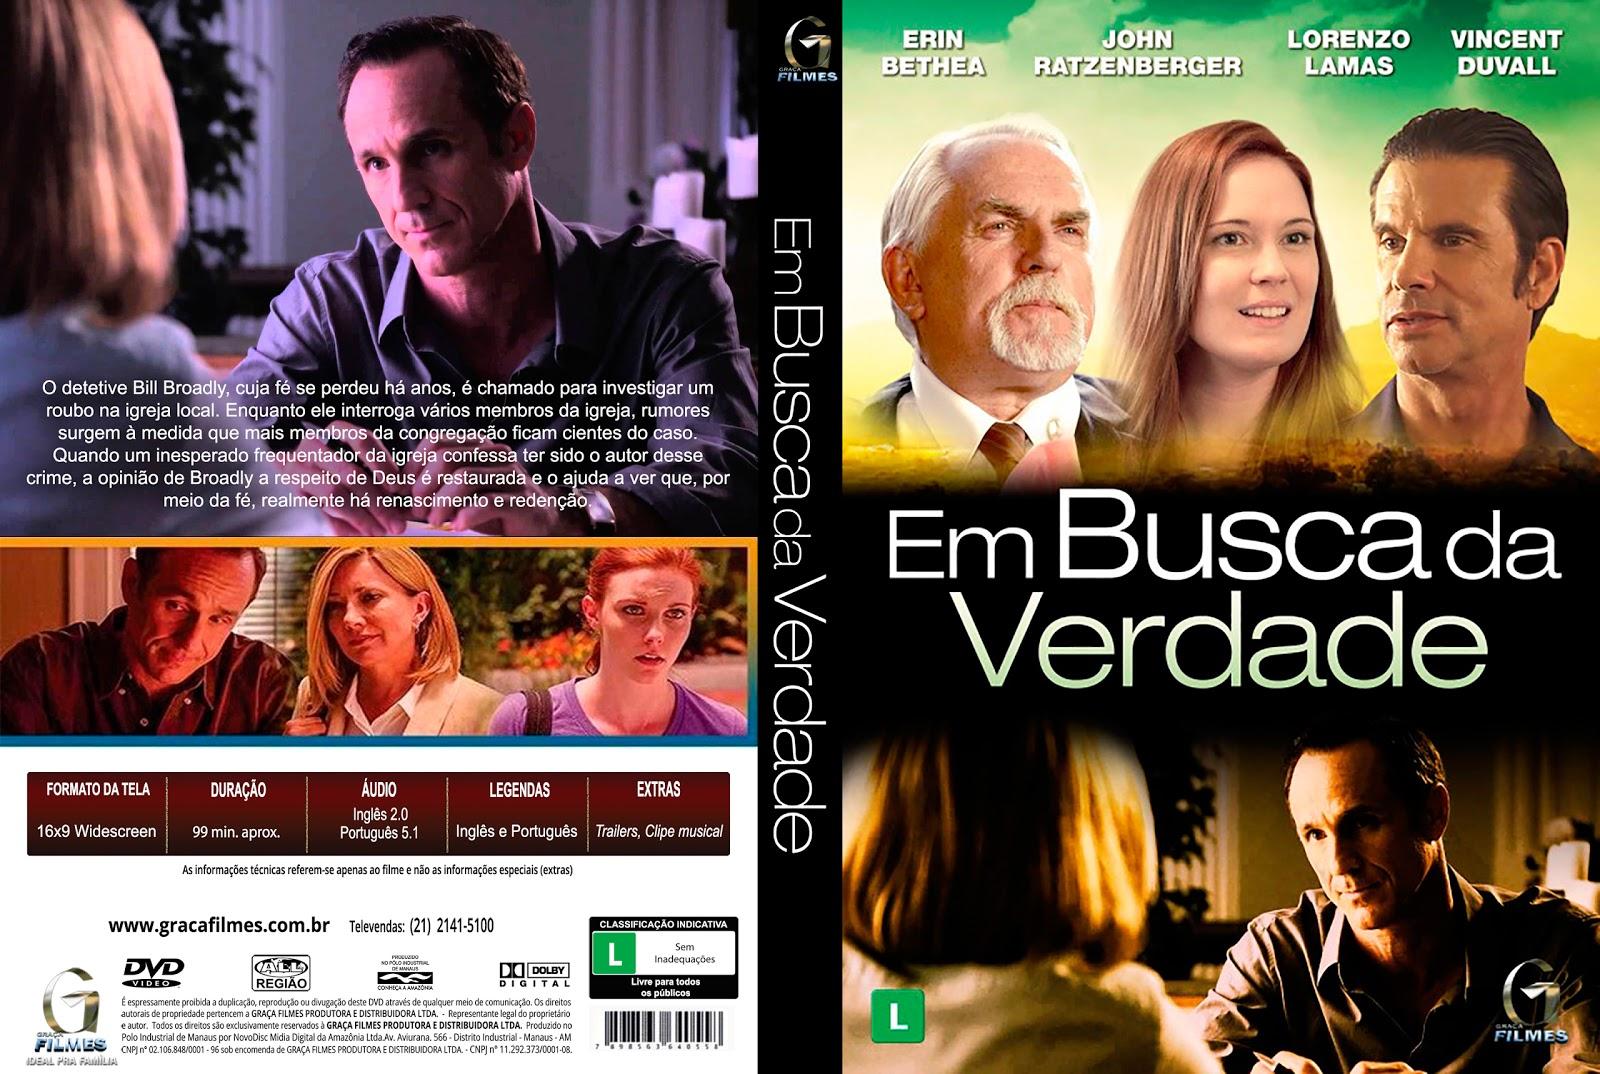 FILME ONLINE EM BUSCA DA VERDADE - ASSISTA ONLINE AQUI